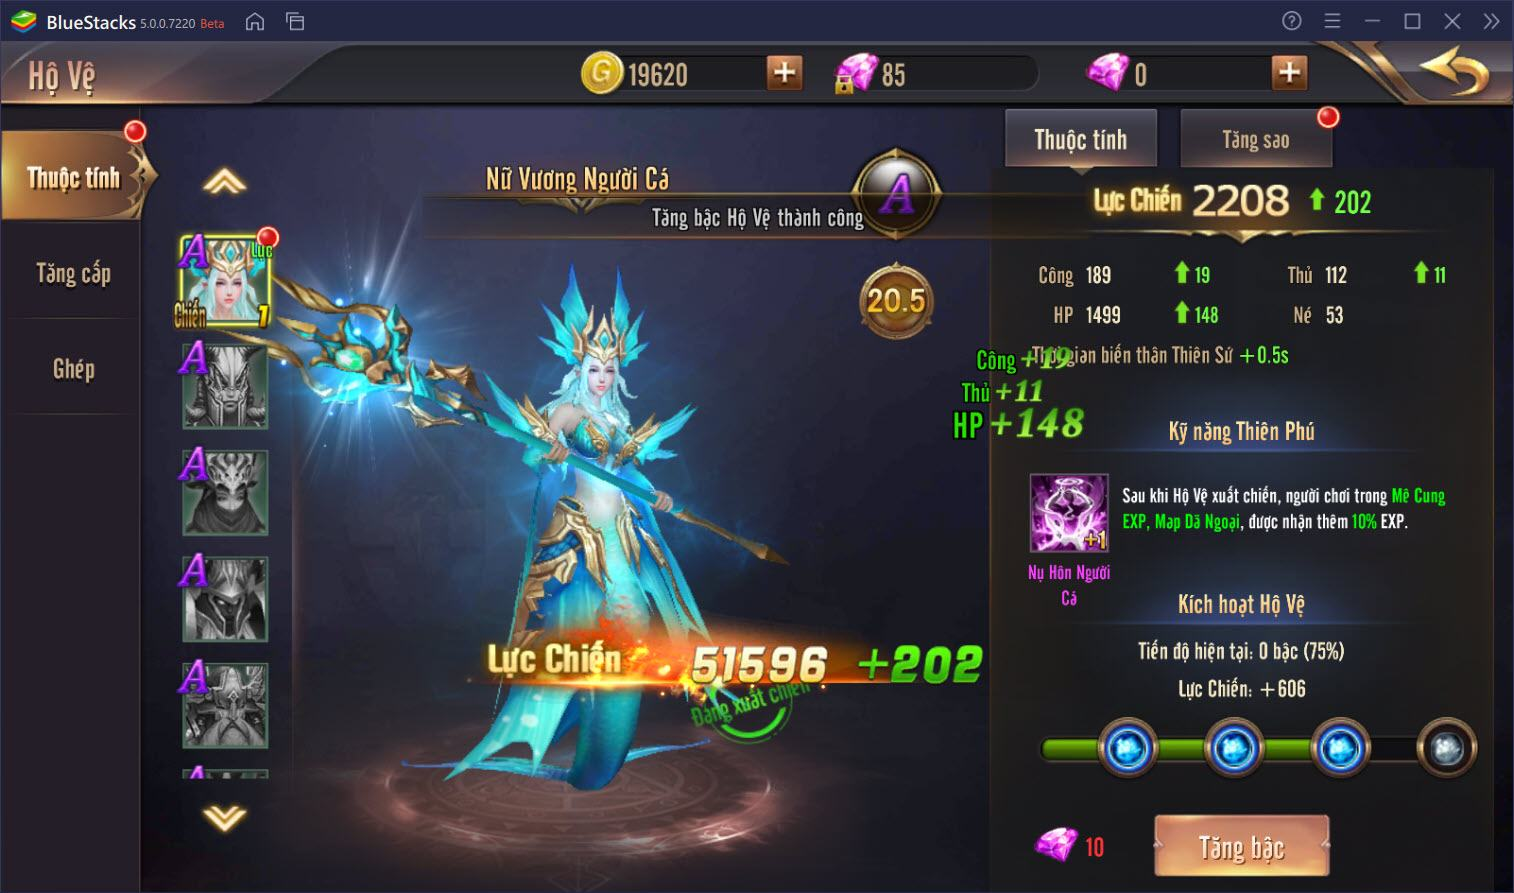 Vương Thần Mobile: Cách để tăng cấp nhanh nhất cho nhân vật của bạn